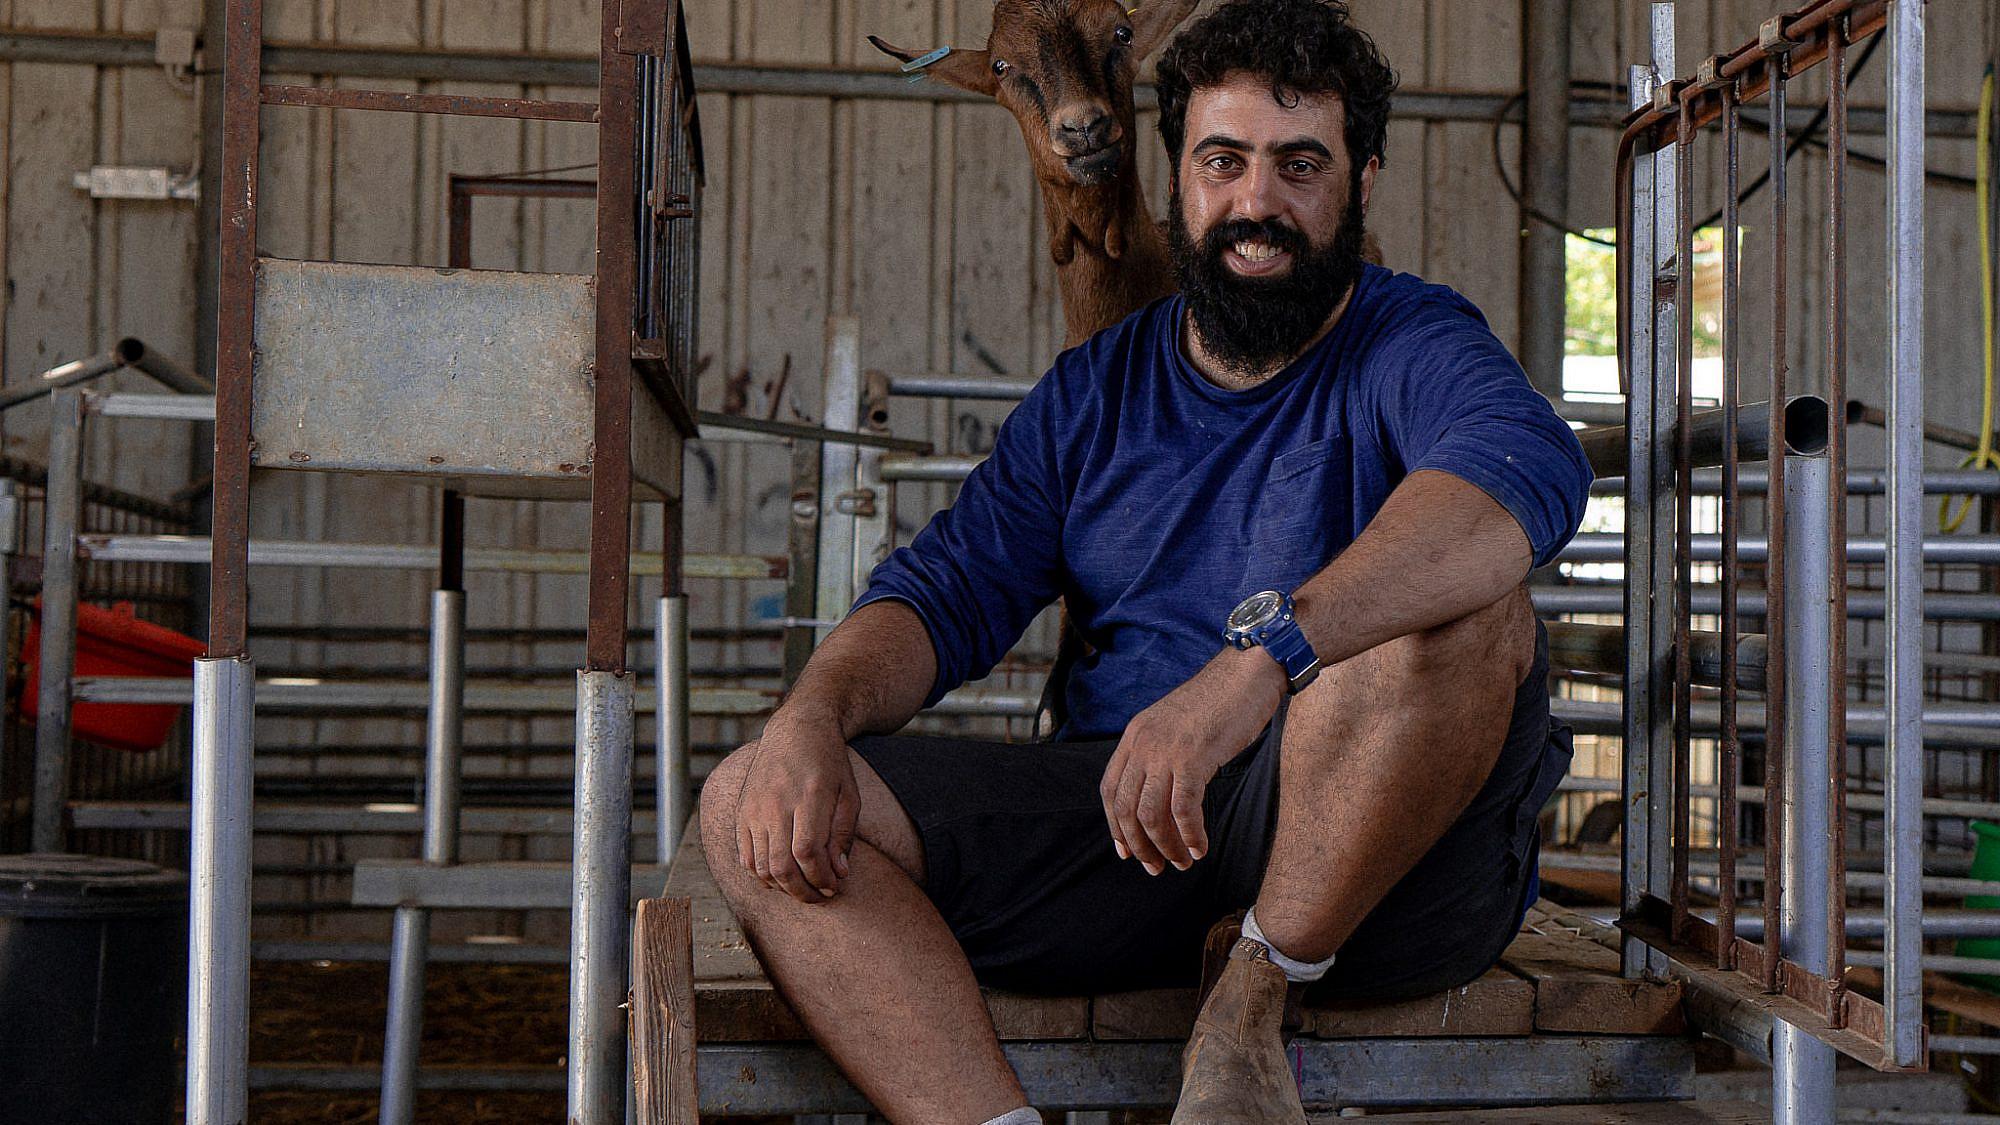 רון דוד, מושב אחיטוב | צילום: מידן גיל ארוש